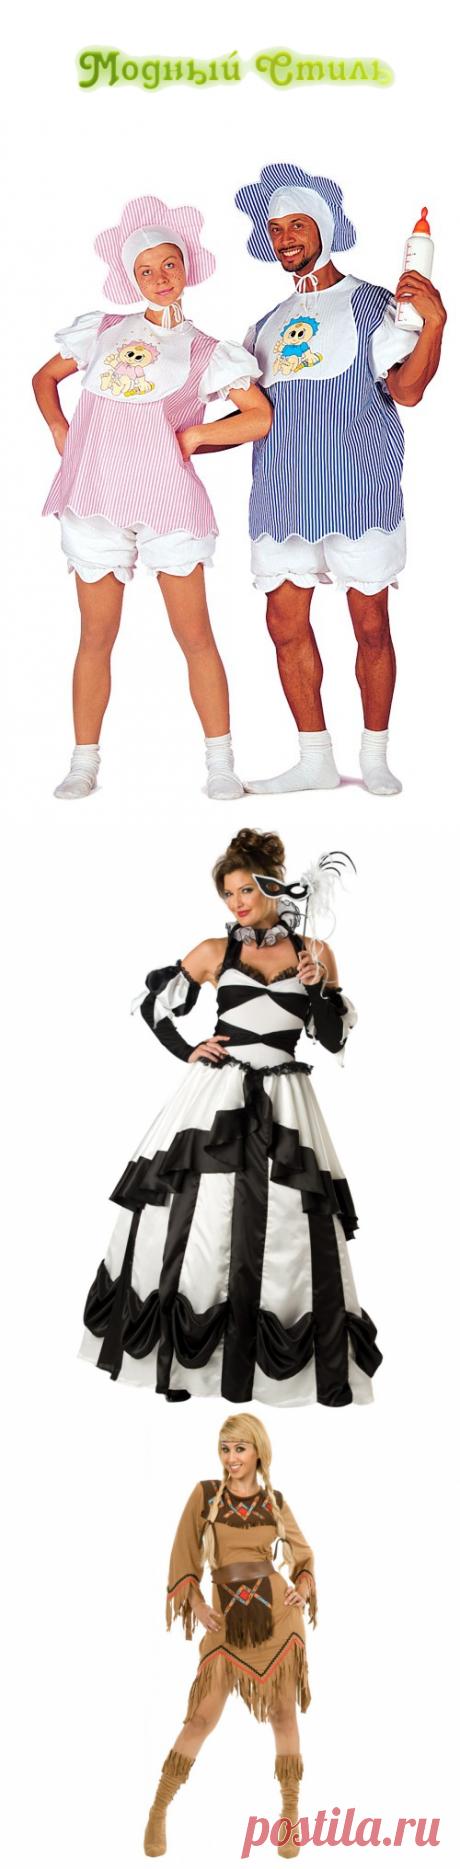 #КарнавальныйКостюм для взрослых – идеи для праздника Карнавальный костюм – как его выбрать и нужен ли он? Для того чтобы Новый год прошел весело, интересно, у всех было хорошее настроение, необходимо придумать много веселых шуток, конкурсов, нарядить елку, накрыть стол и, конечно же, надеть карнавальный костюм.